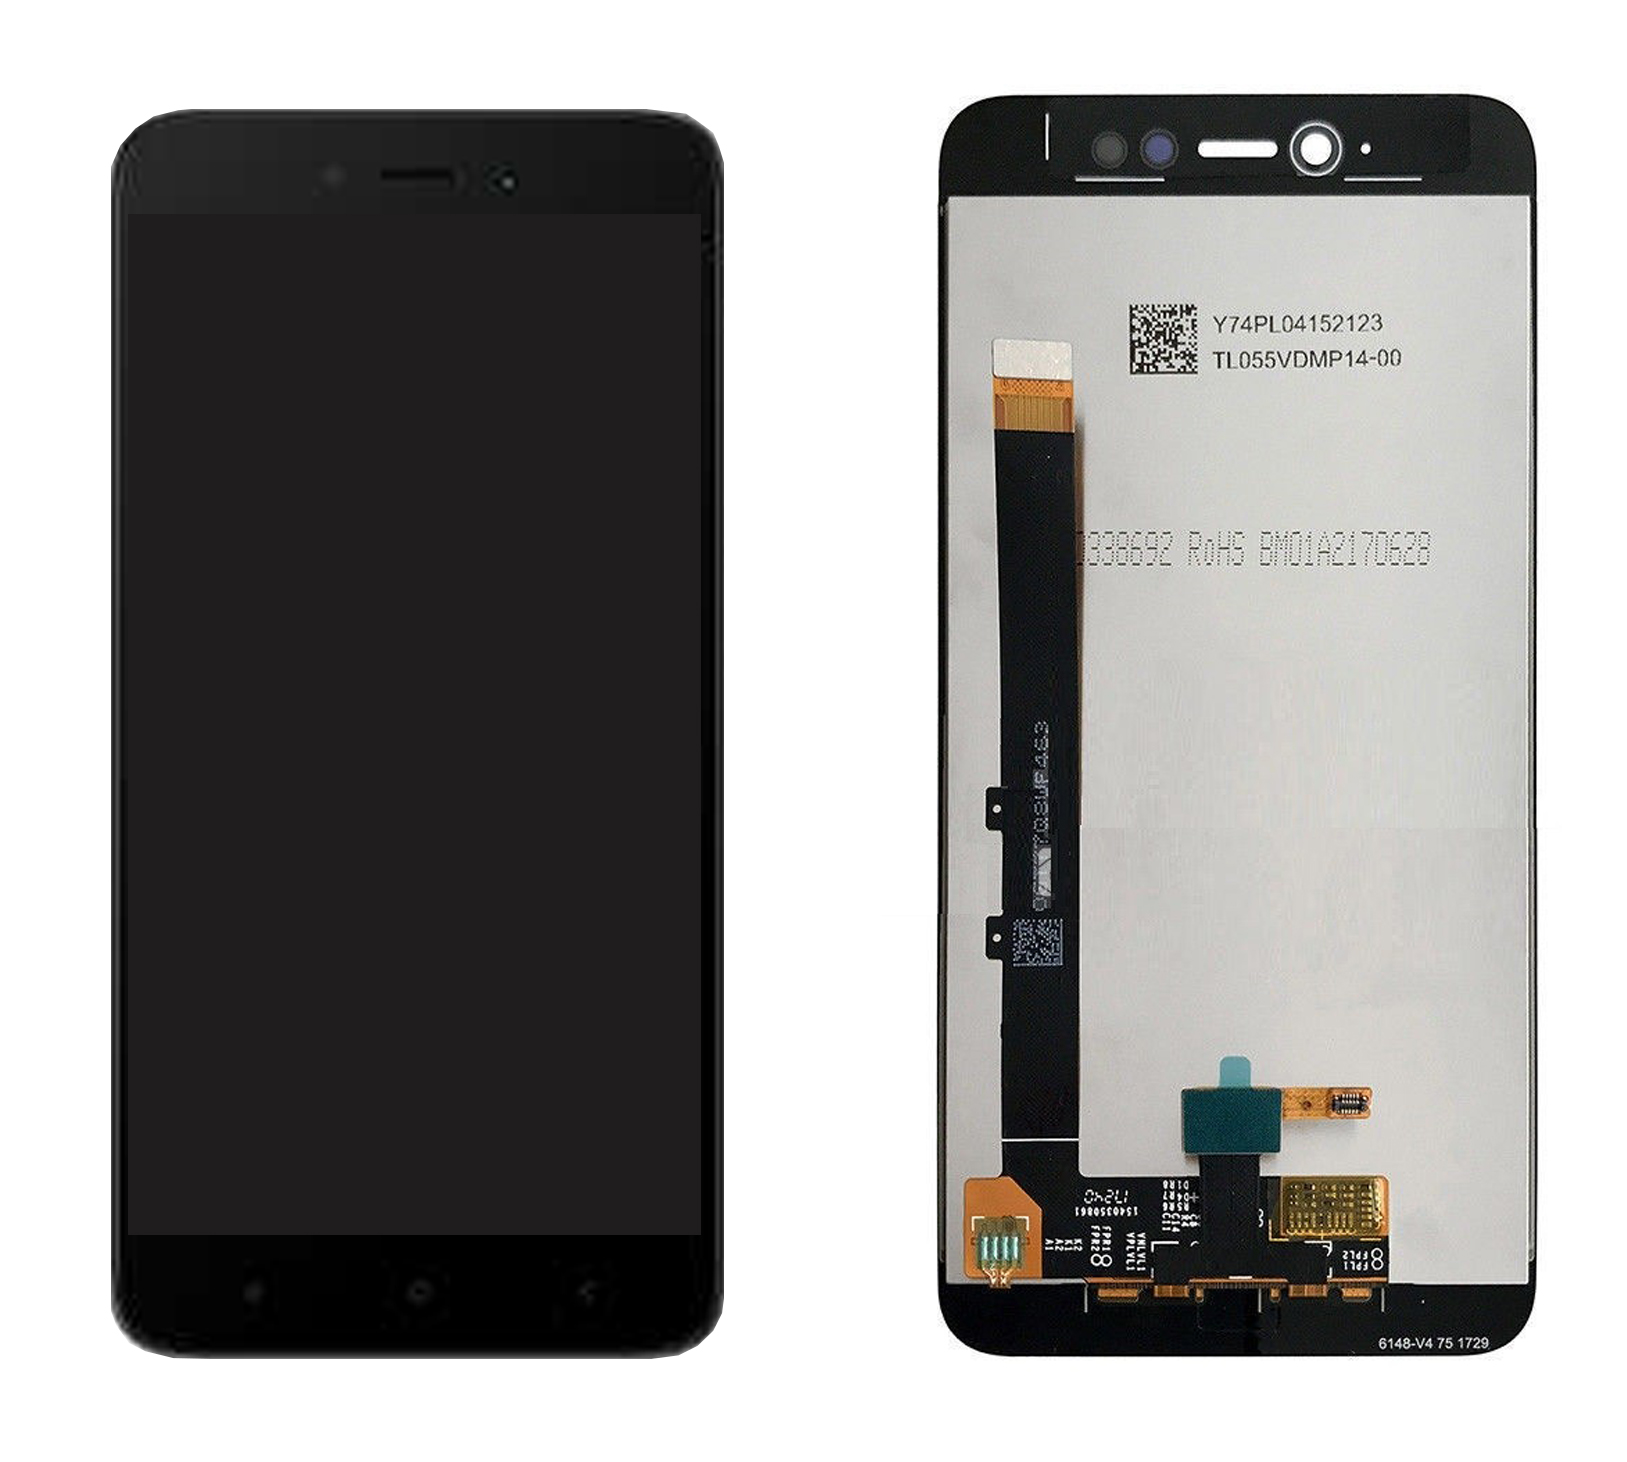 ราคาหน้าจอชุด+ทัสกรีน Xiaomi Redmi 5A อะไหล่เปลี่ยนหน้าจอแตก ซ่อมจอเสีย สีดำ